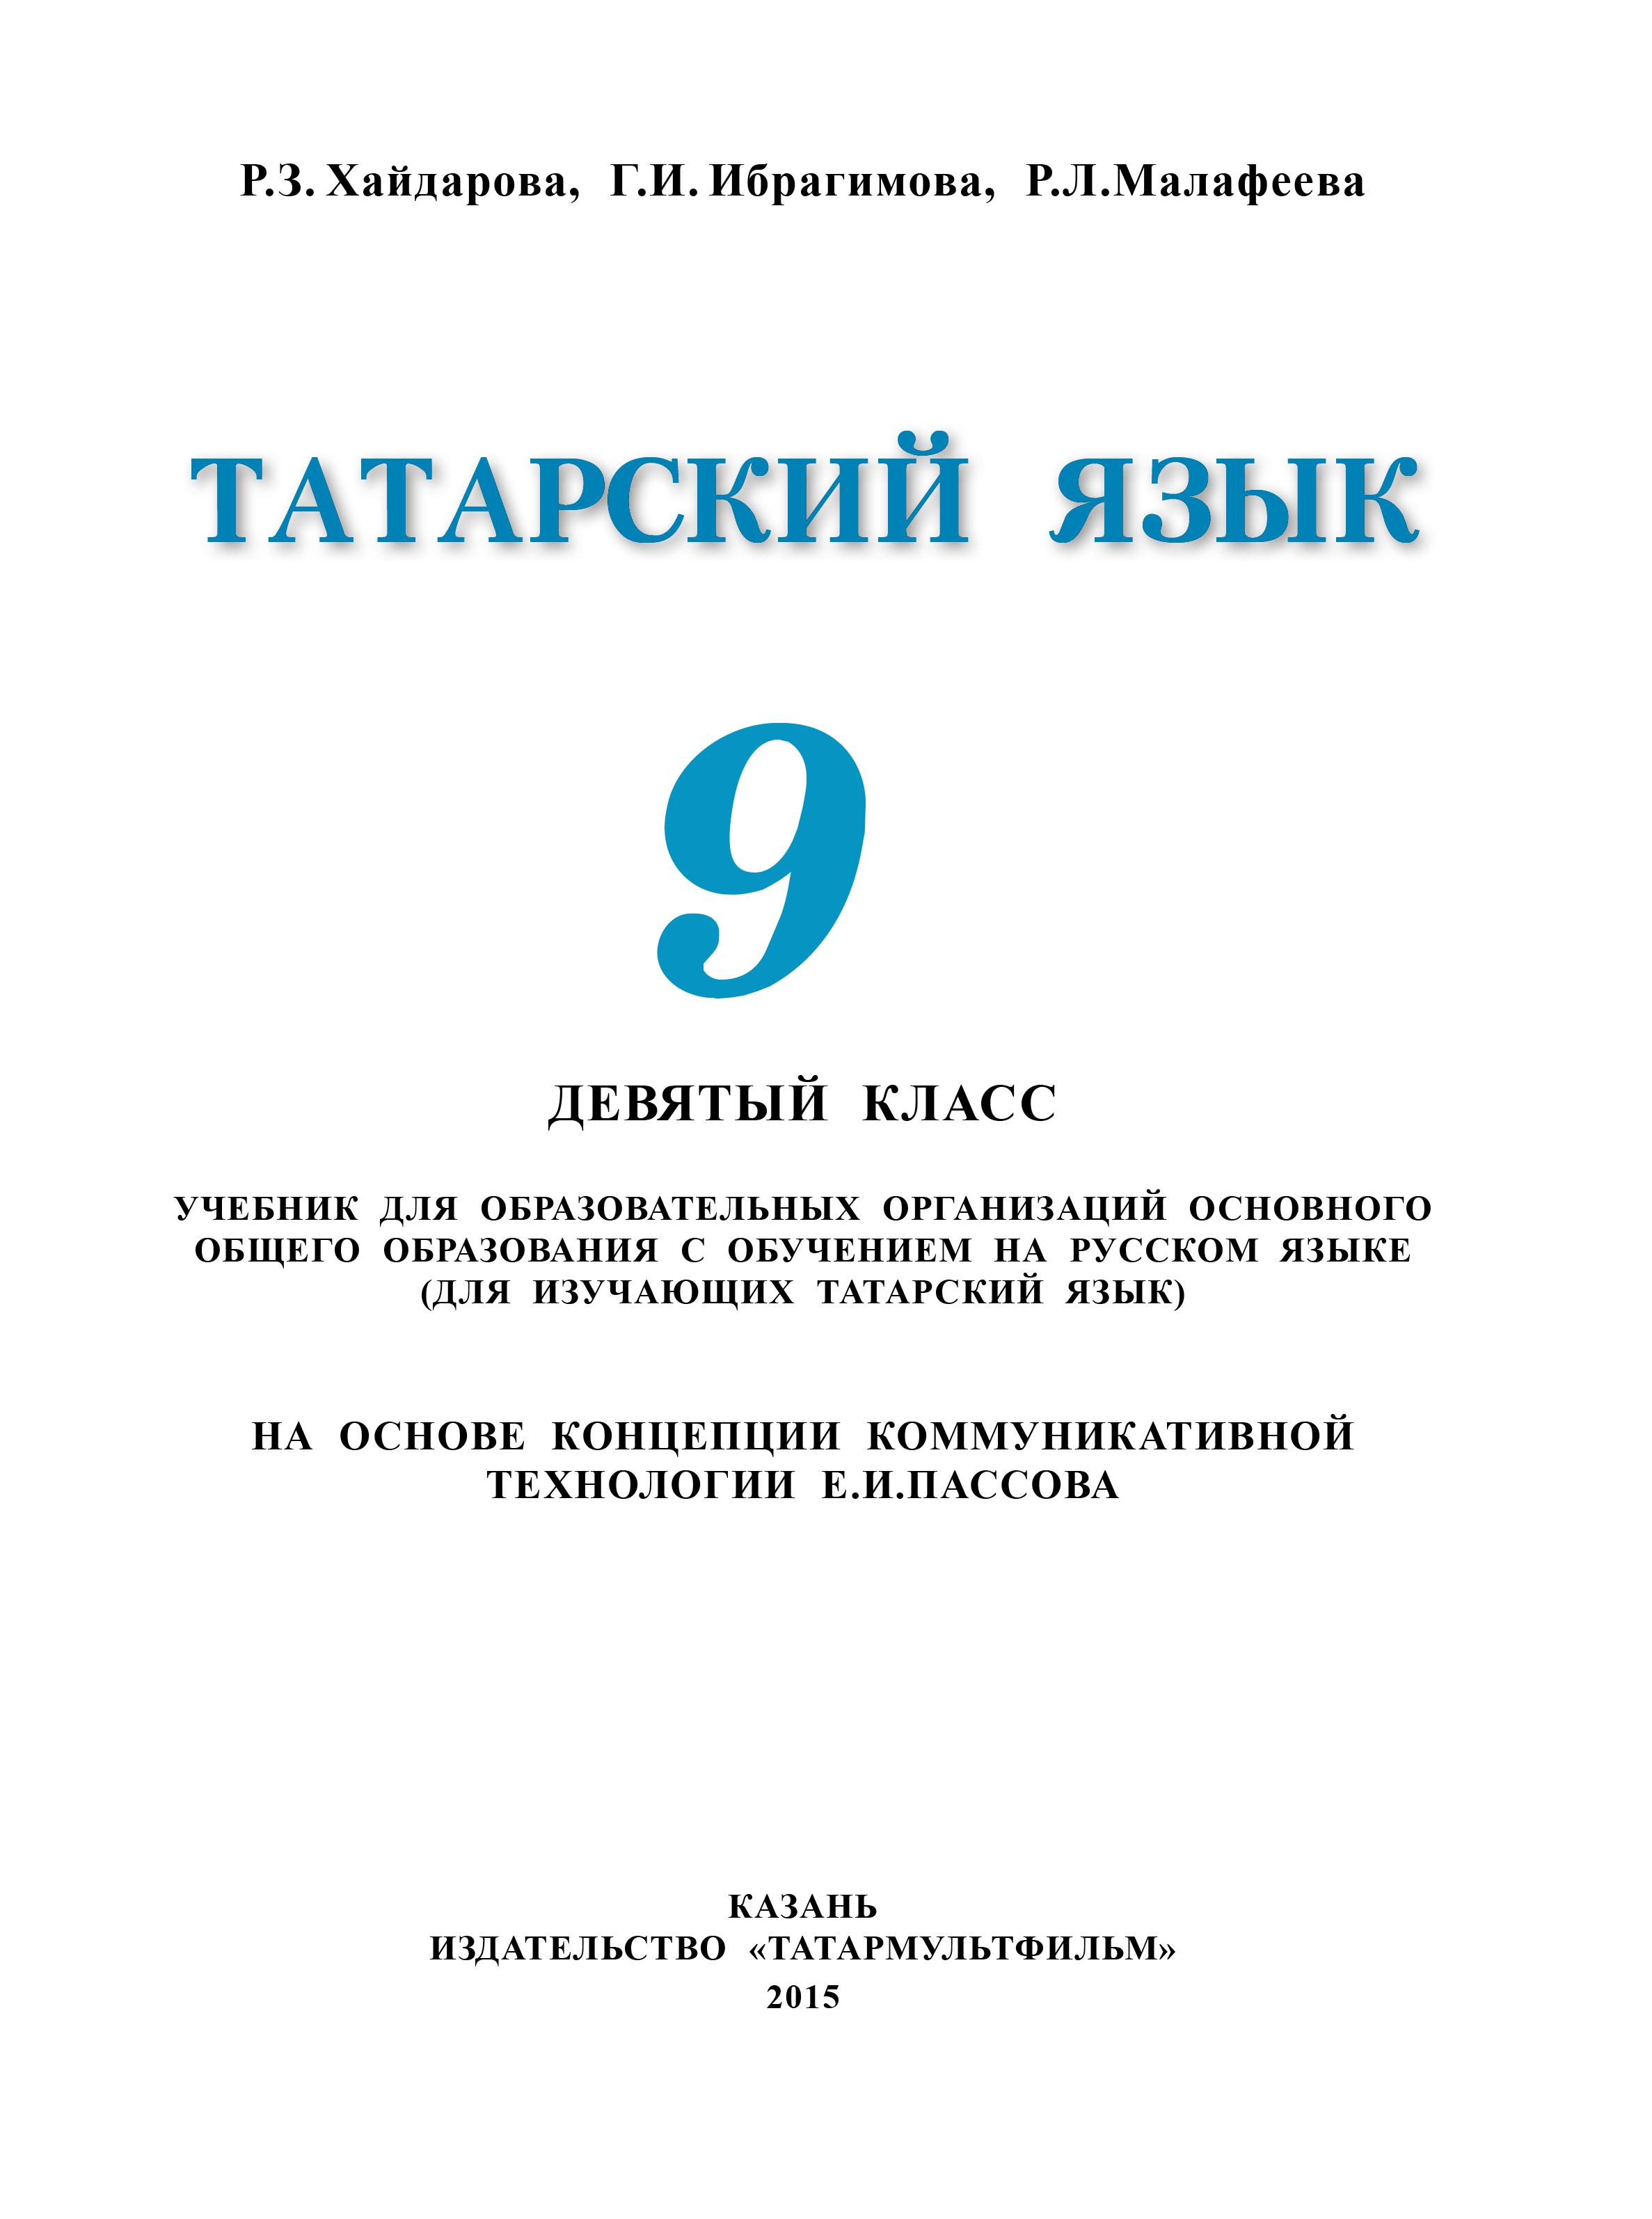 9 класс татарского языка решебник